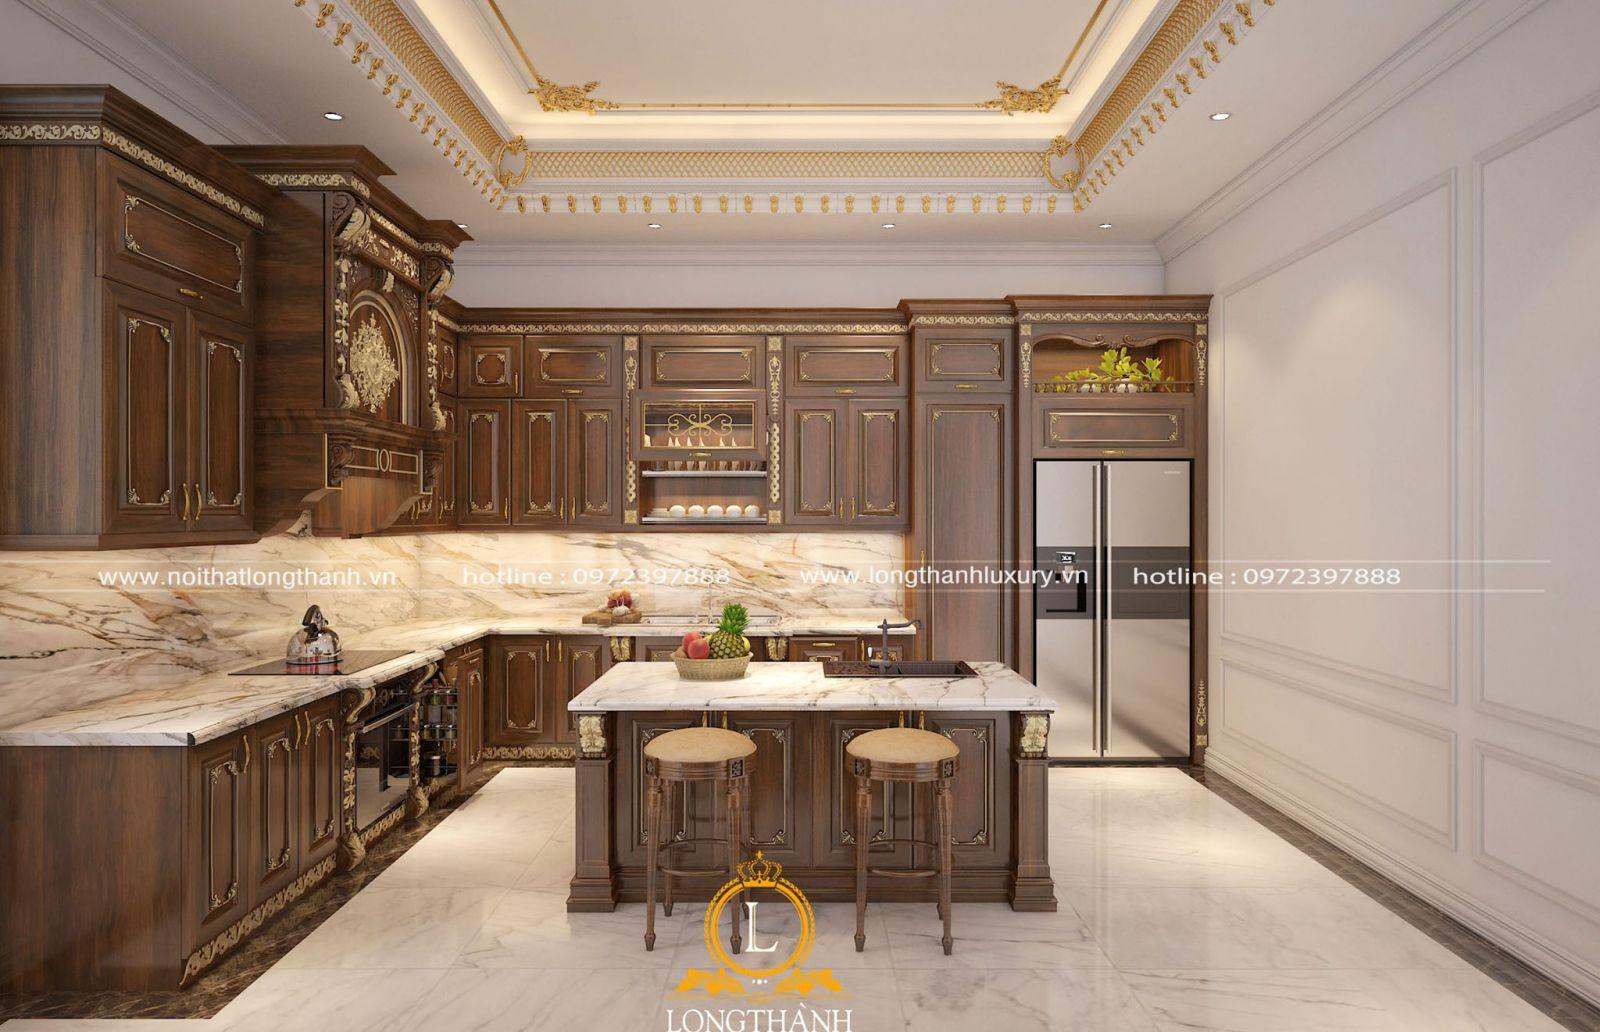 Sử dụng hệ thống hút mùi cho không gian bếp